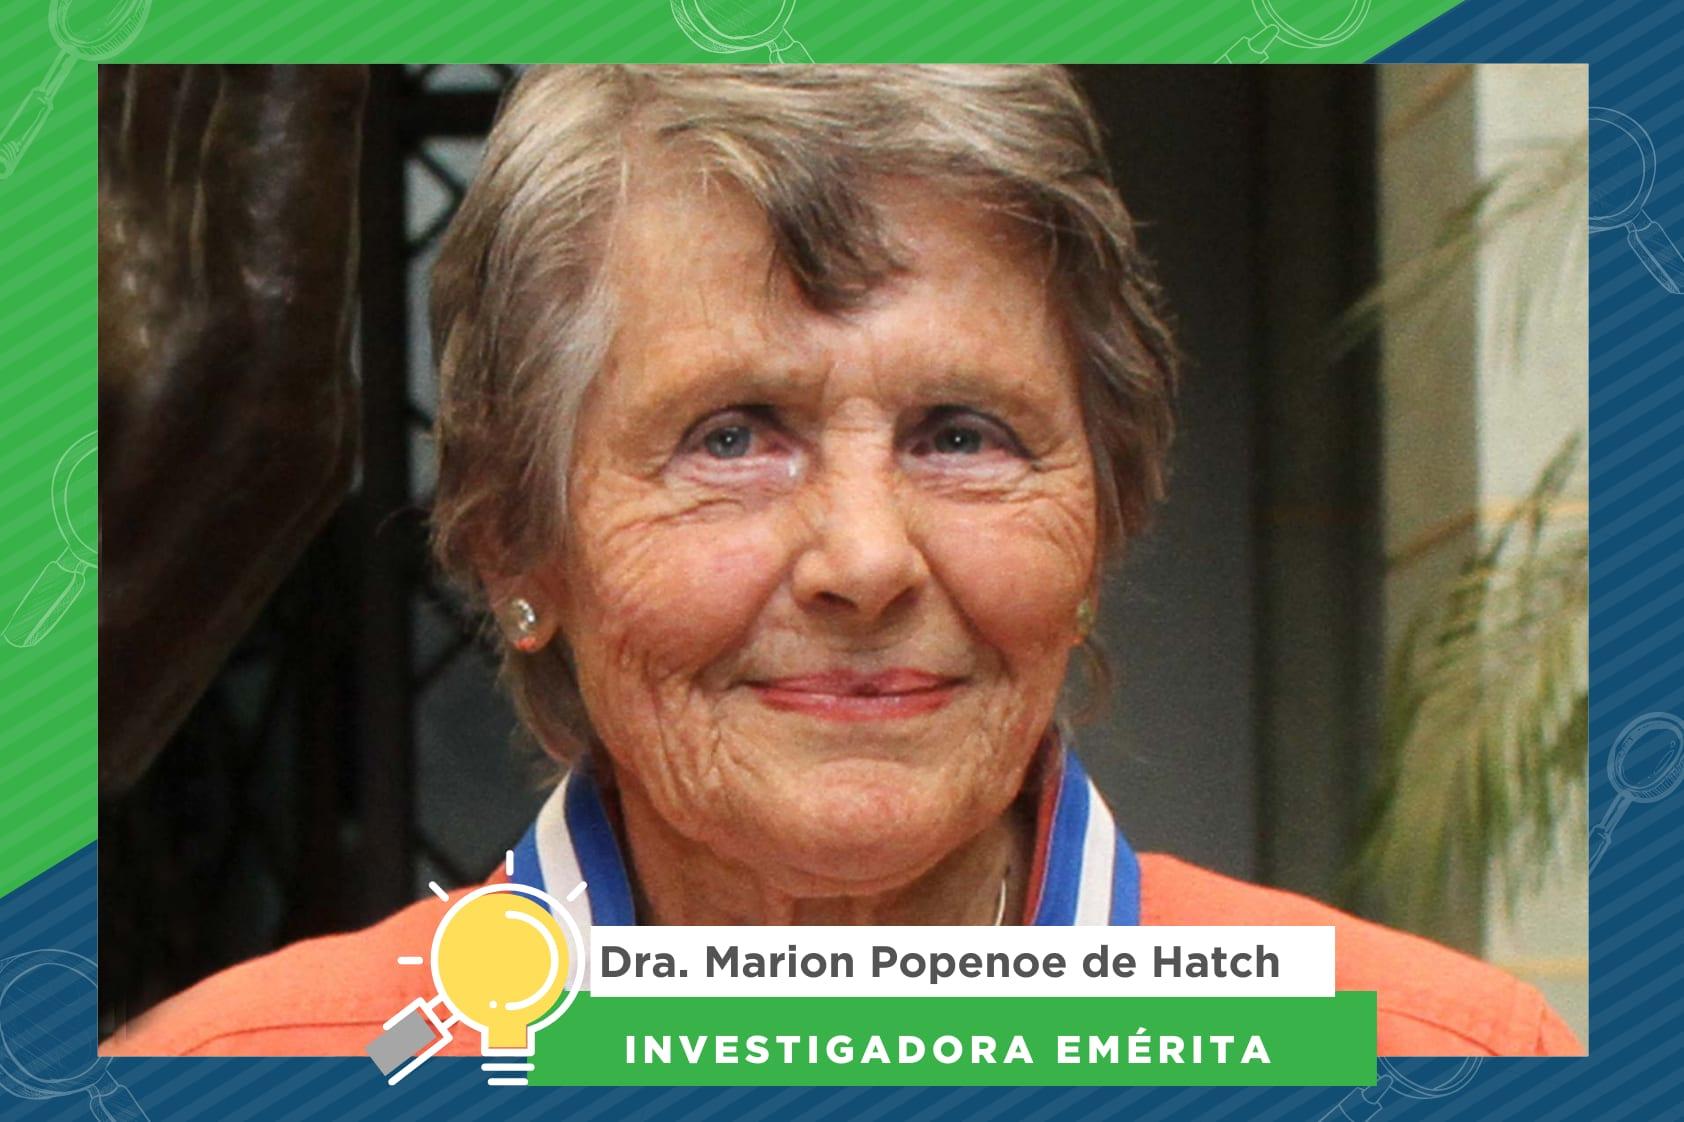 La Dra. Marion Popenoe de Hatch y su amor por la Arqueología